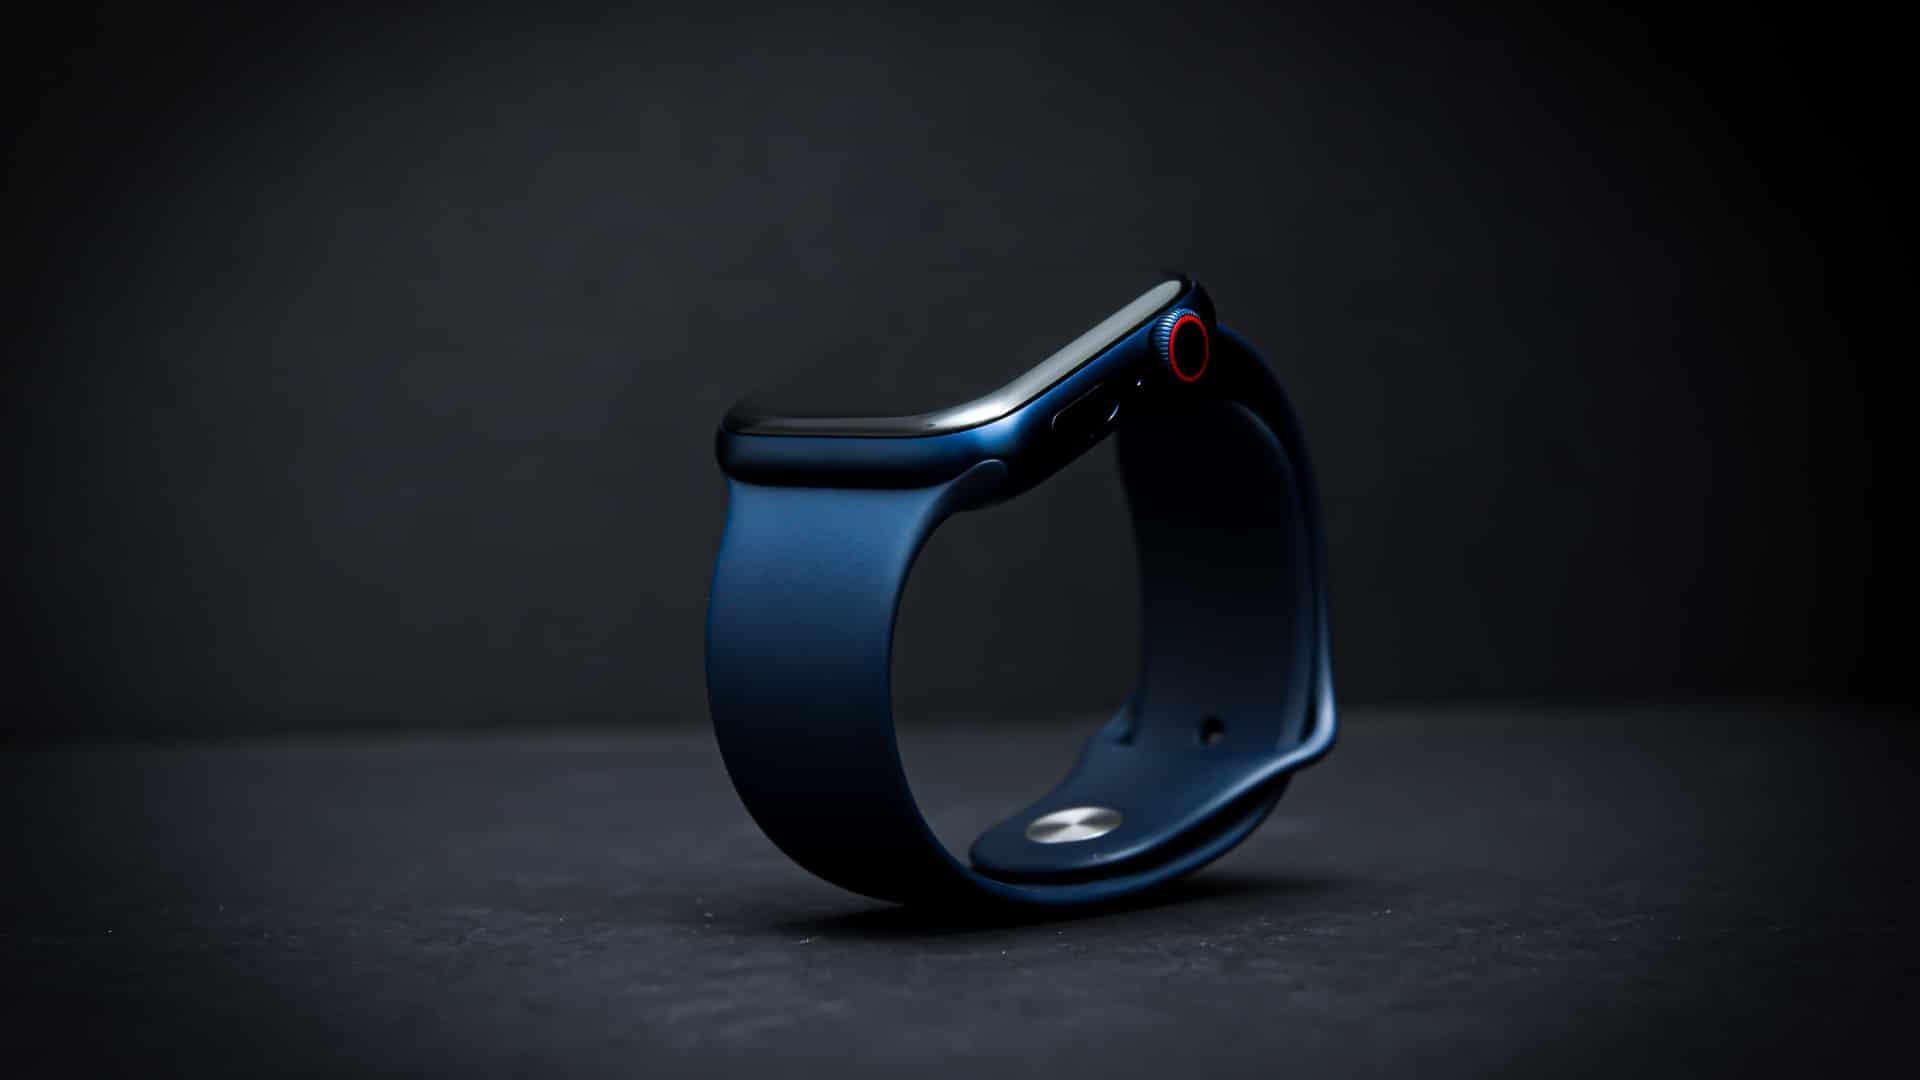 Les rythmes cardiaques irréguliers seraient captés par l'Apple Watch selon une étude.